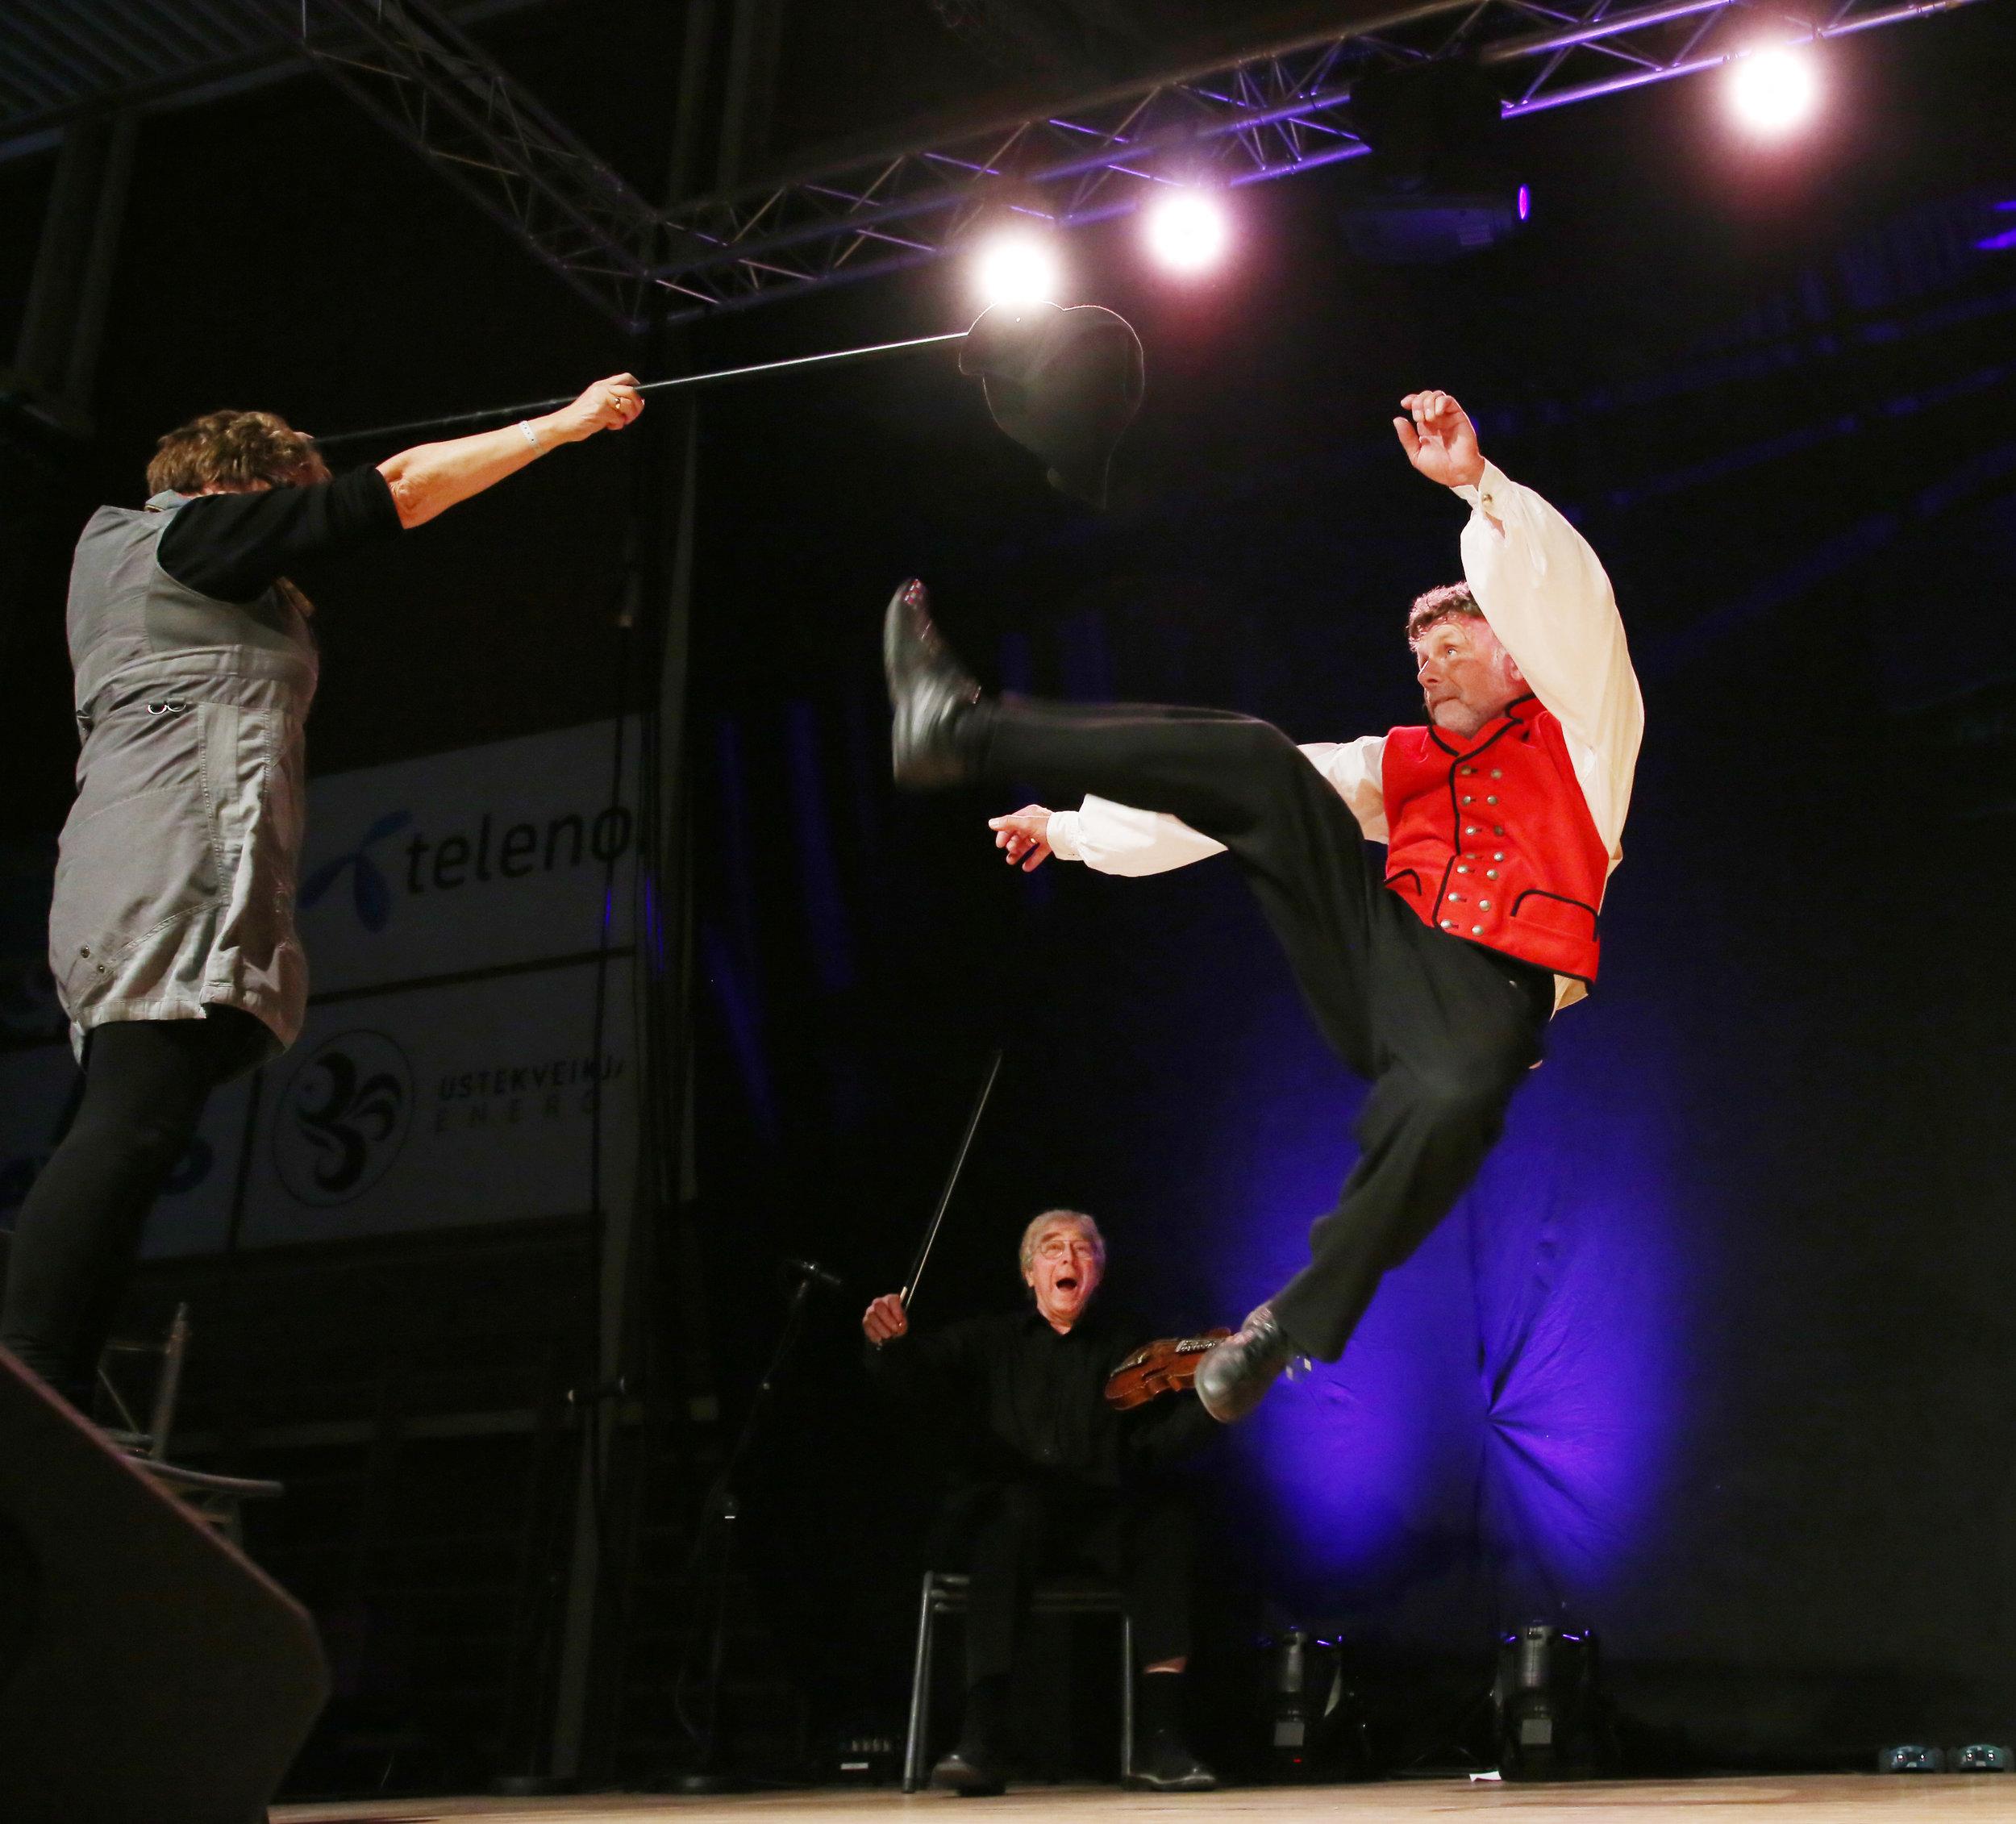 Halling får ein sentral plass på Førdefesivalen 2018 når temaet blir  Dansen i musikken - musikken i dansen!, her representert ved dansaren Vidar Underseth og dansespelemann i særklasse, Sigmund Eikås.